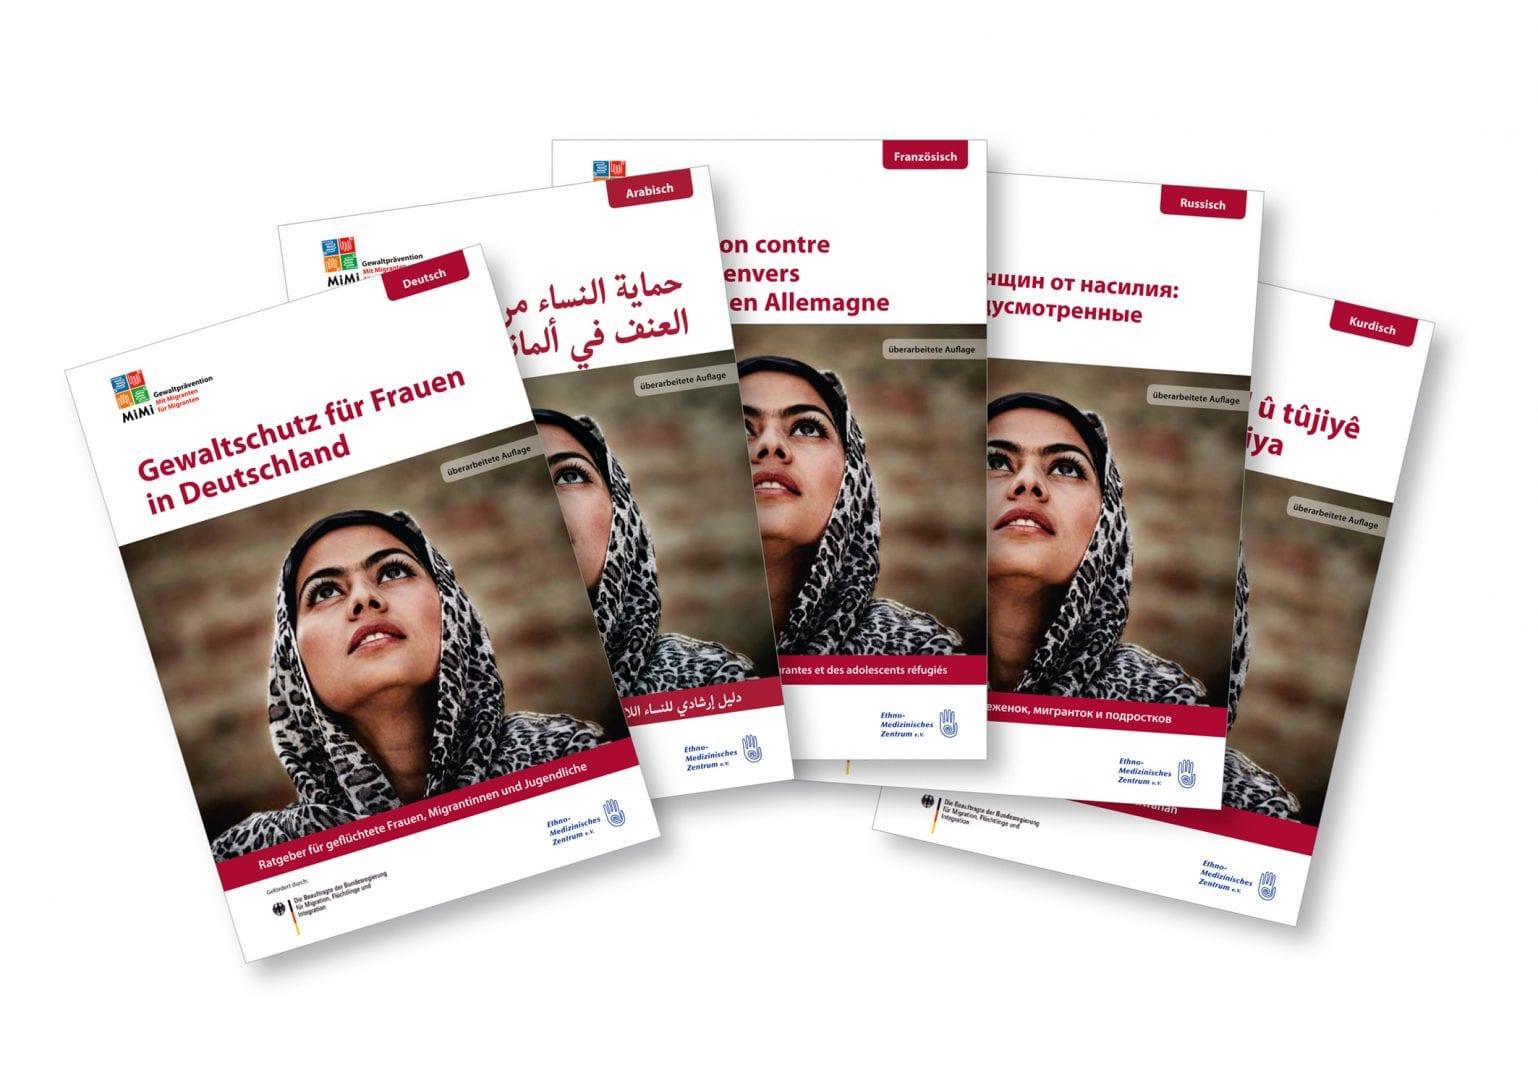 Neuer Ratgeber Gewaltschutz für Frauen in Deutschland.